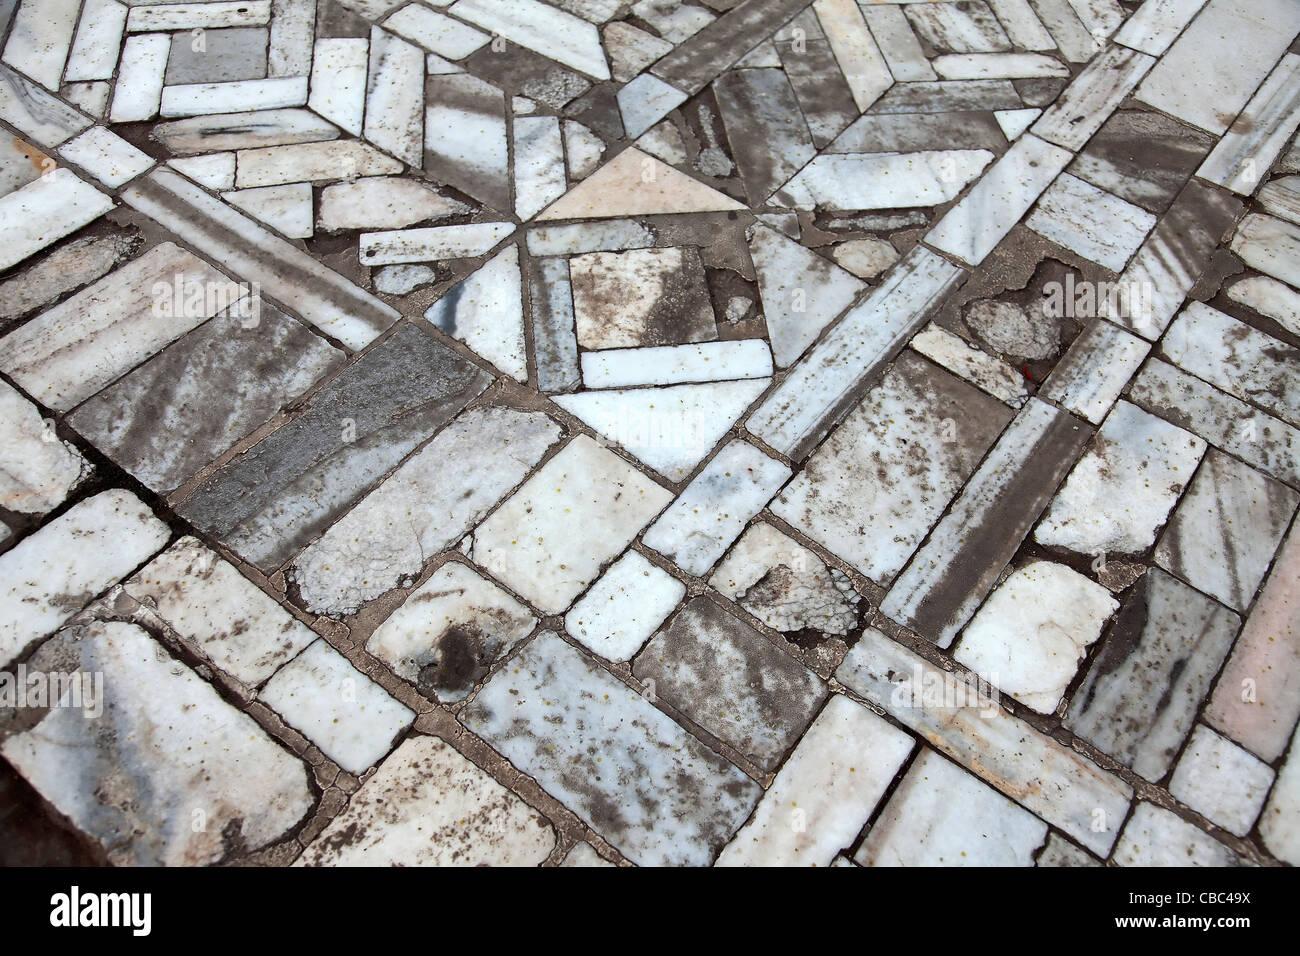 Marmor Platten Fliesen Bodenbeläge Muster Fatehpur Sikri Architektur ...